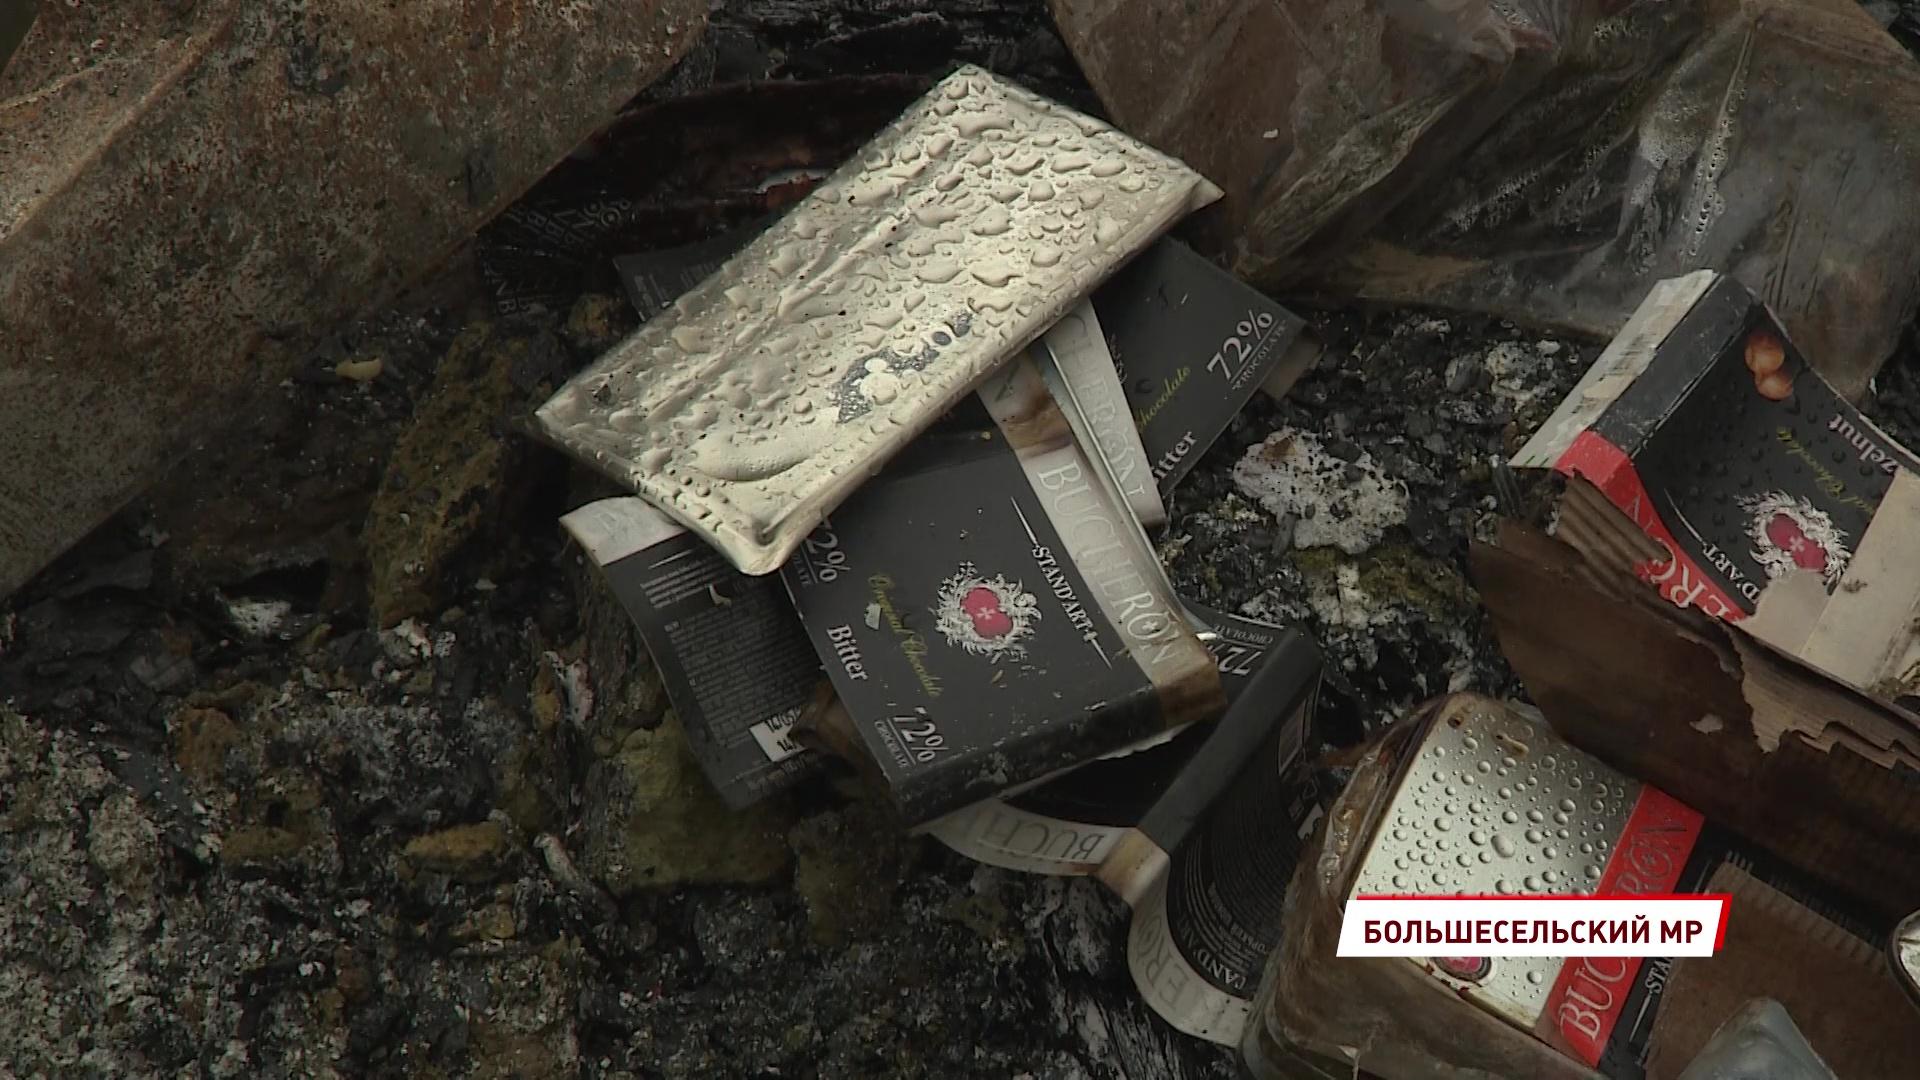 Ситуация с пожаром на шоколадной фабрике находится на контроле МЧС и правительства региона